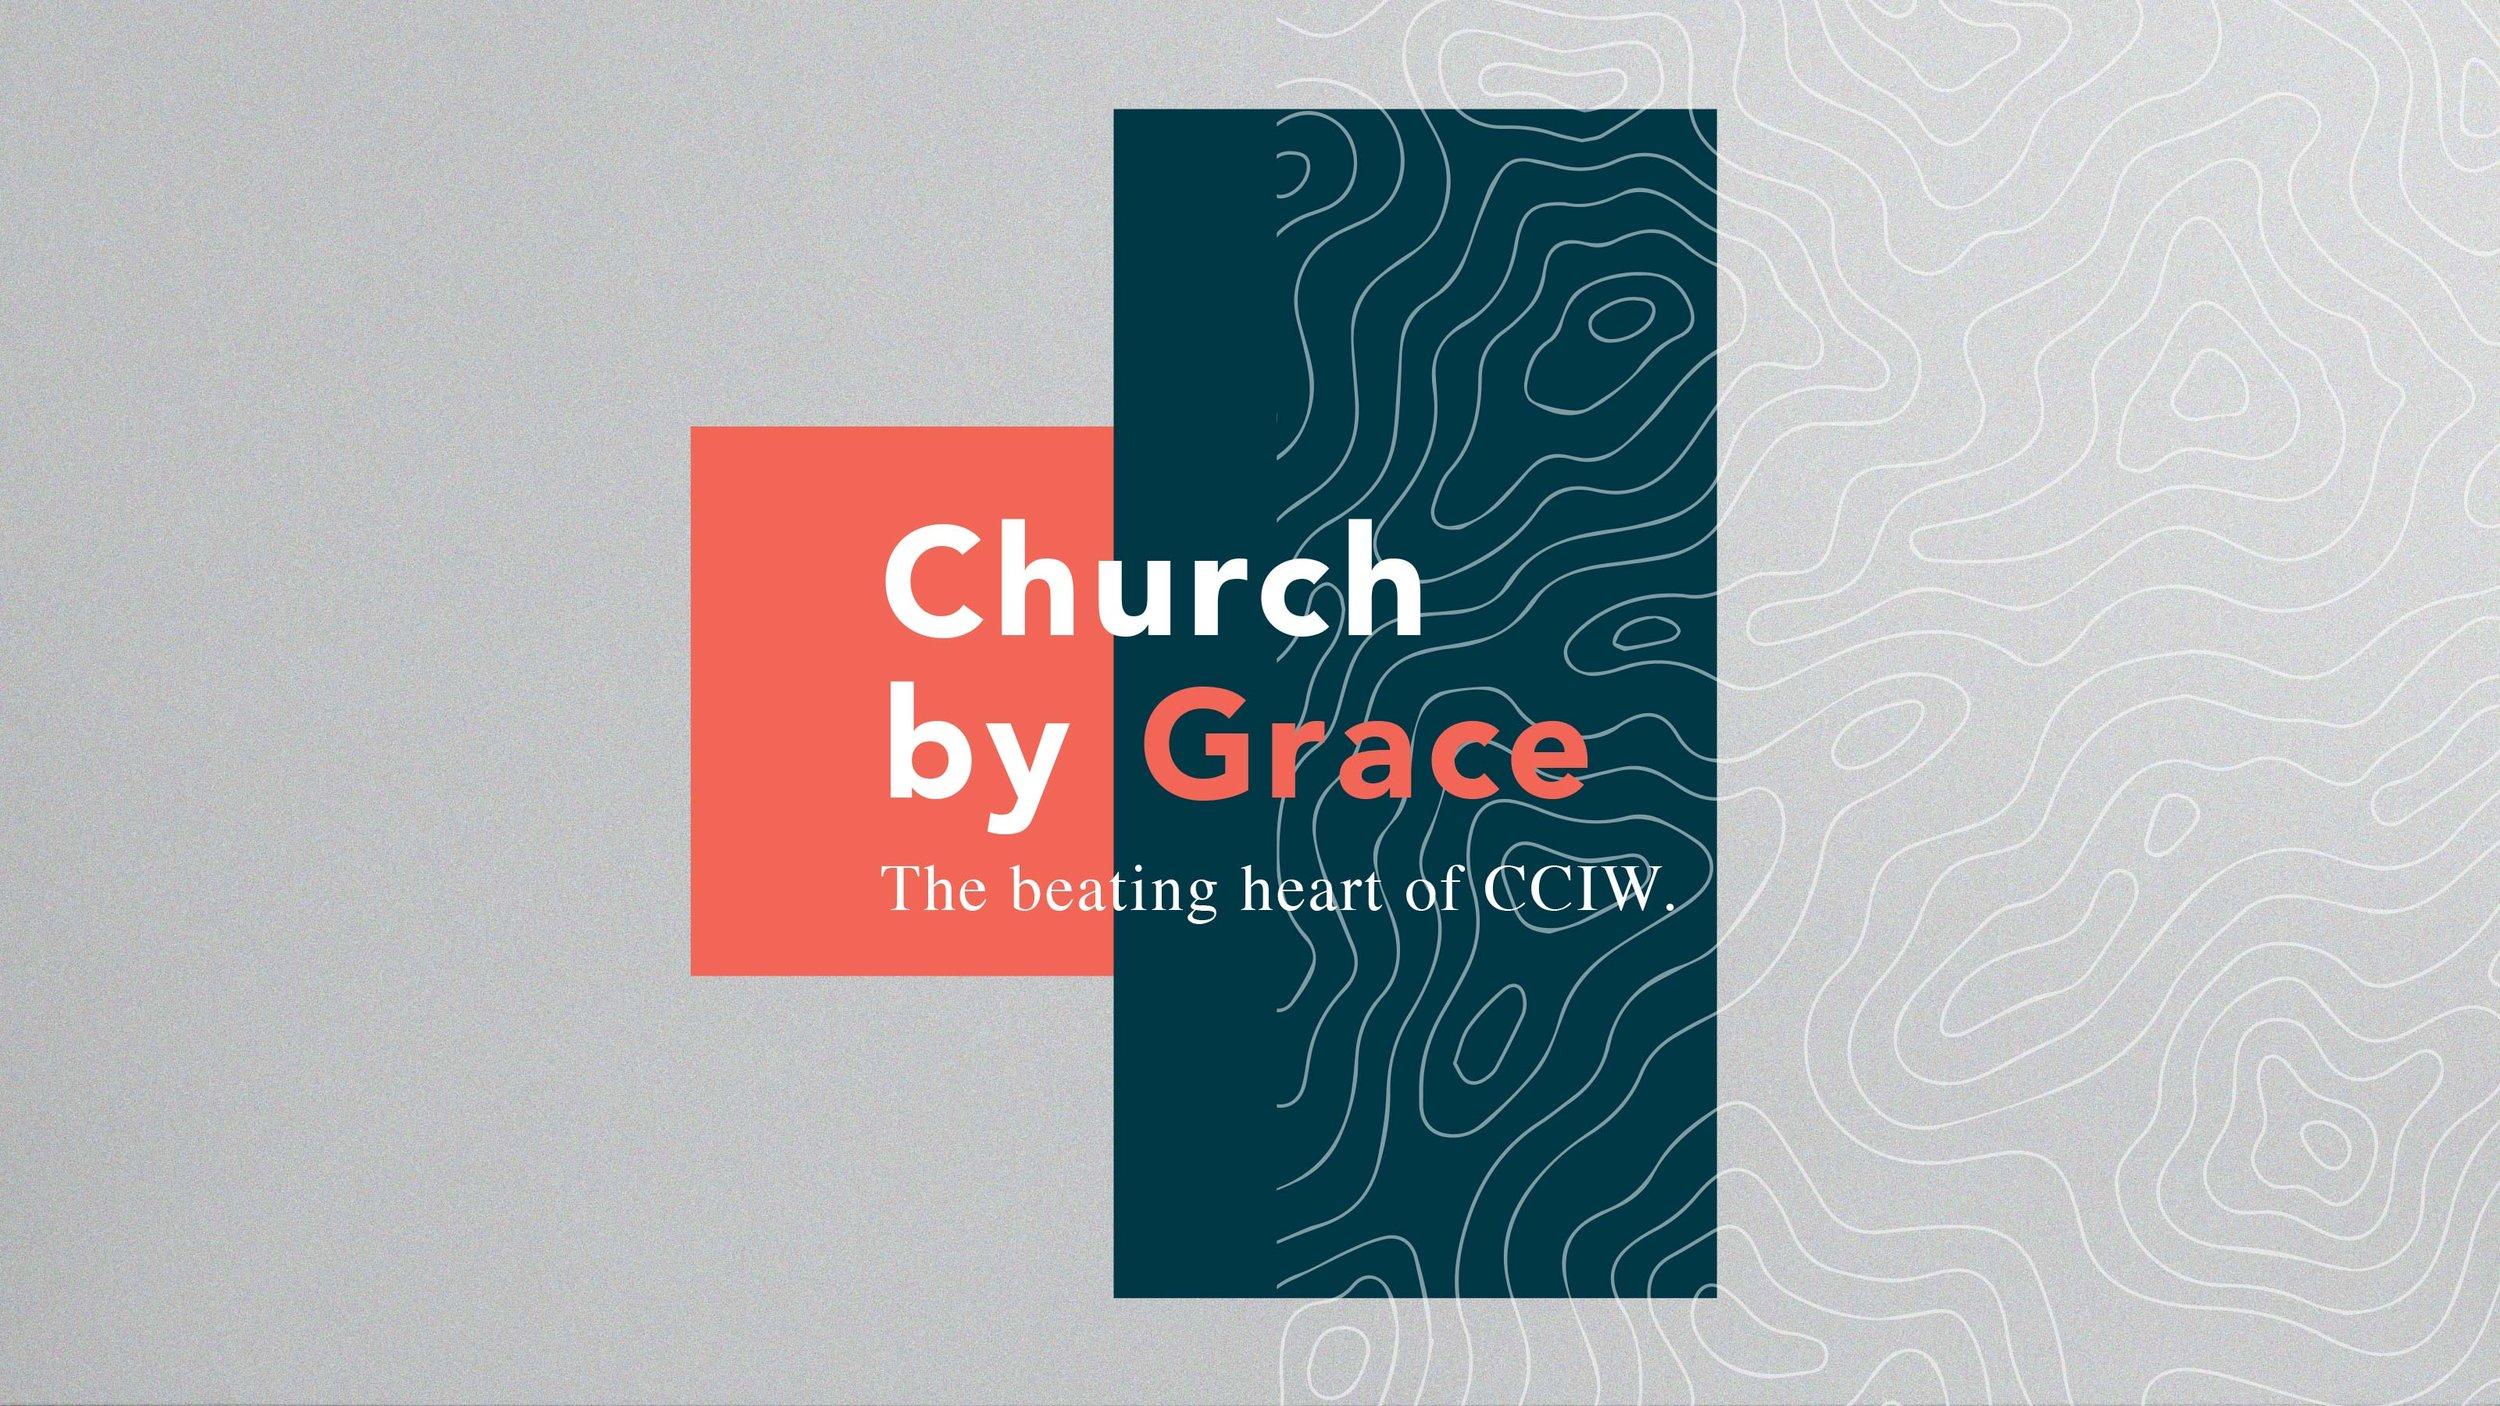 Church by Grace-16x9.jpg